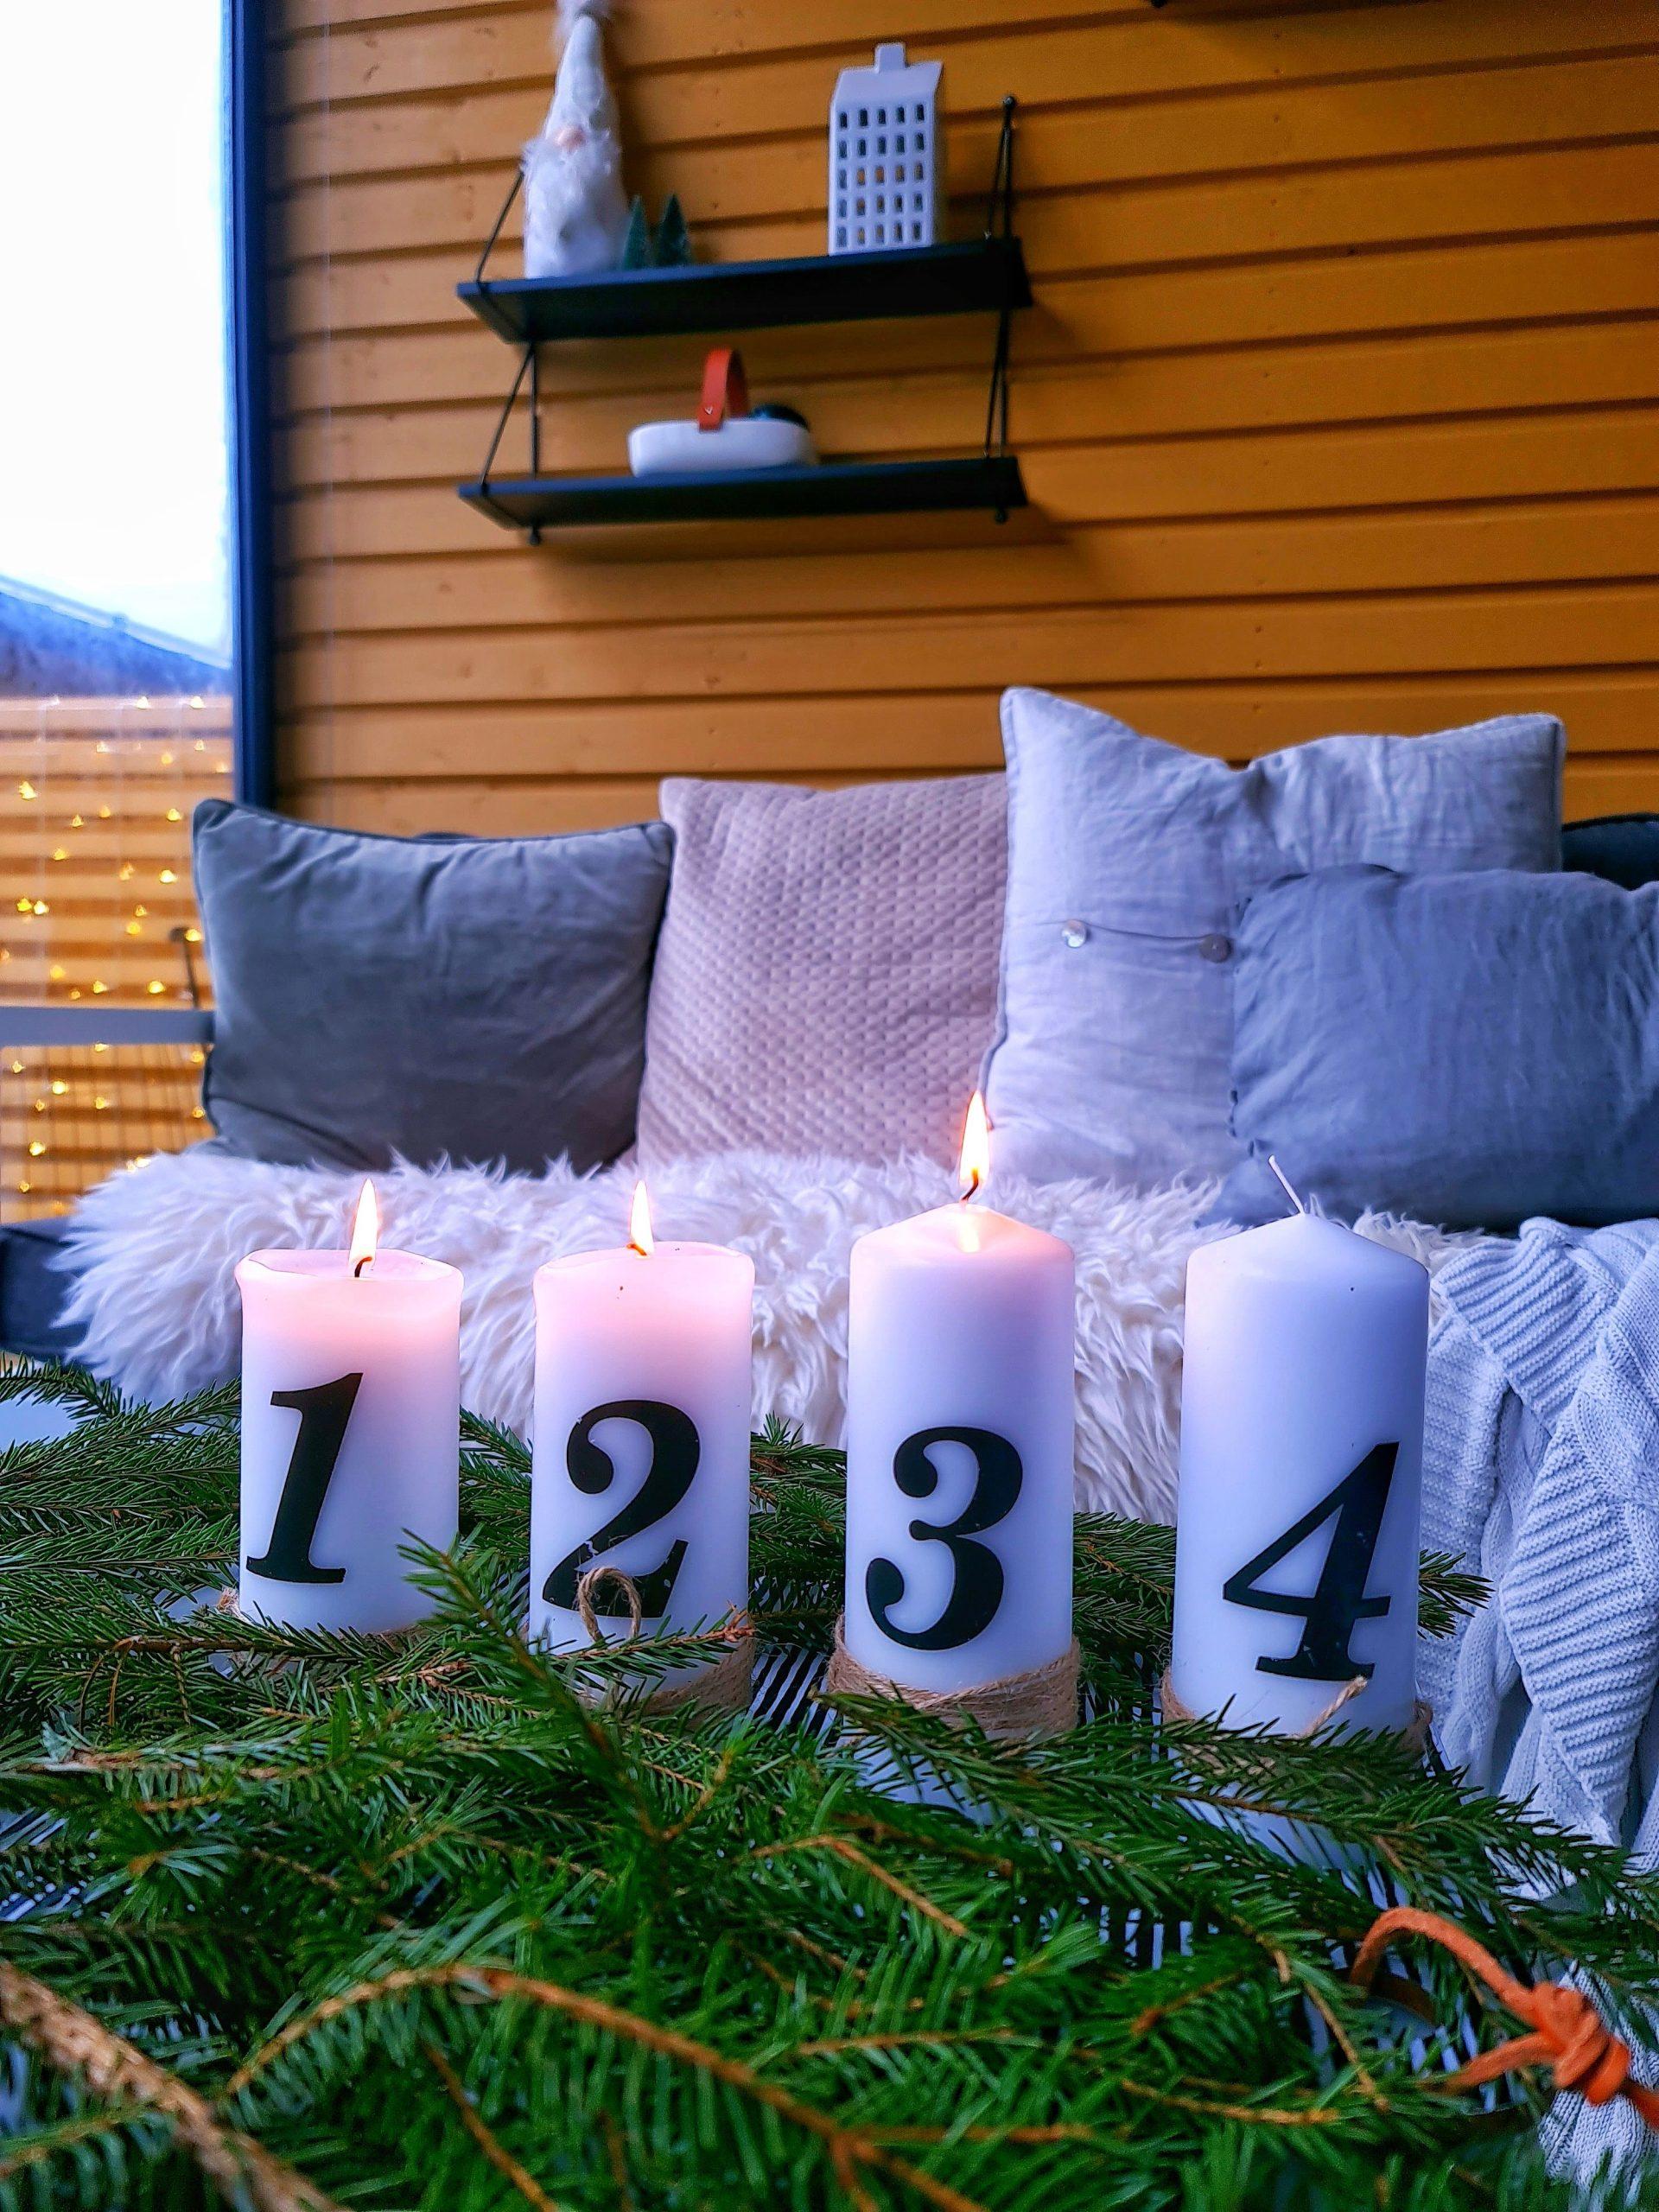 kynttilöitä ja tyynyjä ja termomatto terassilla